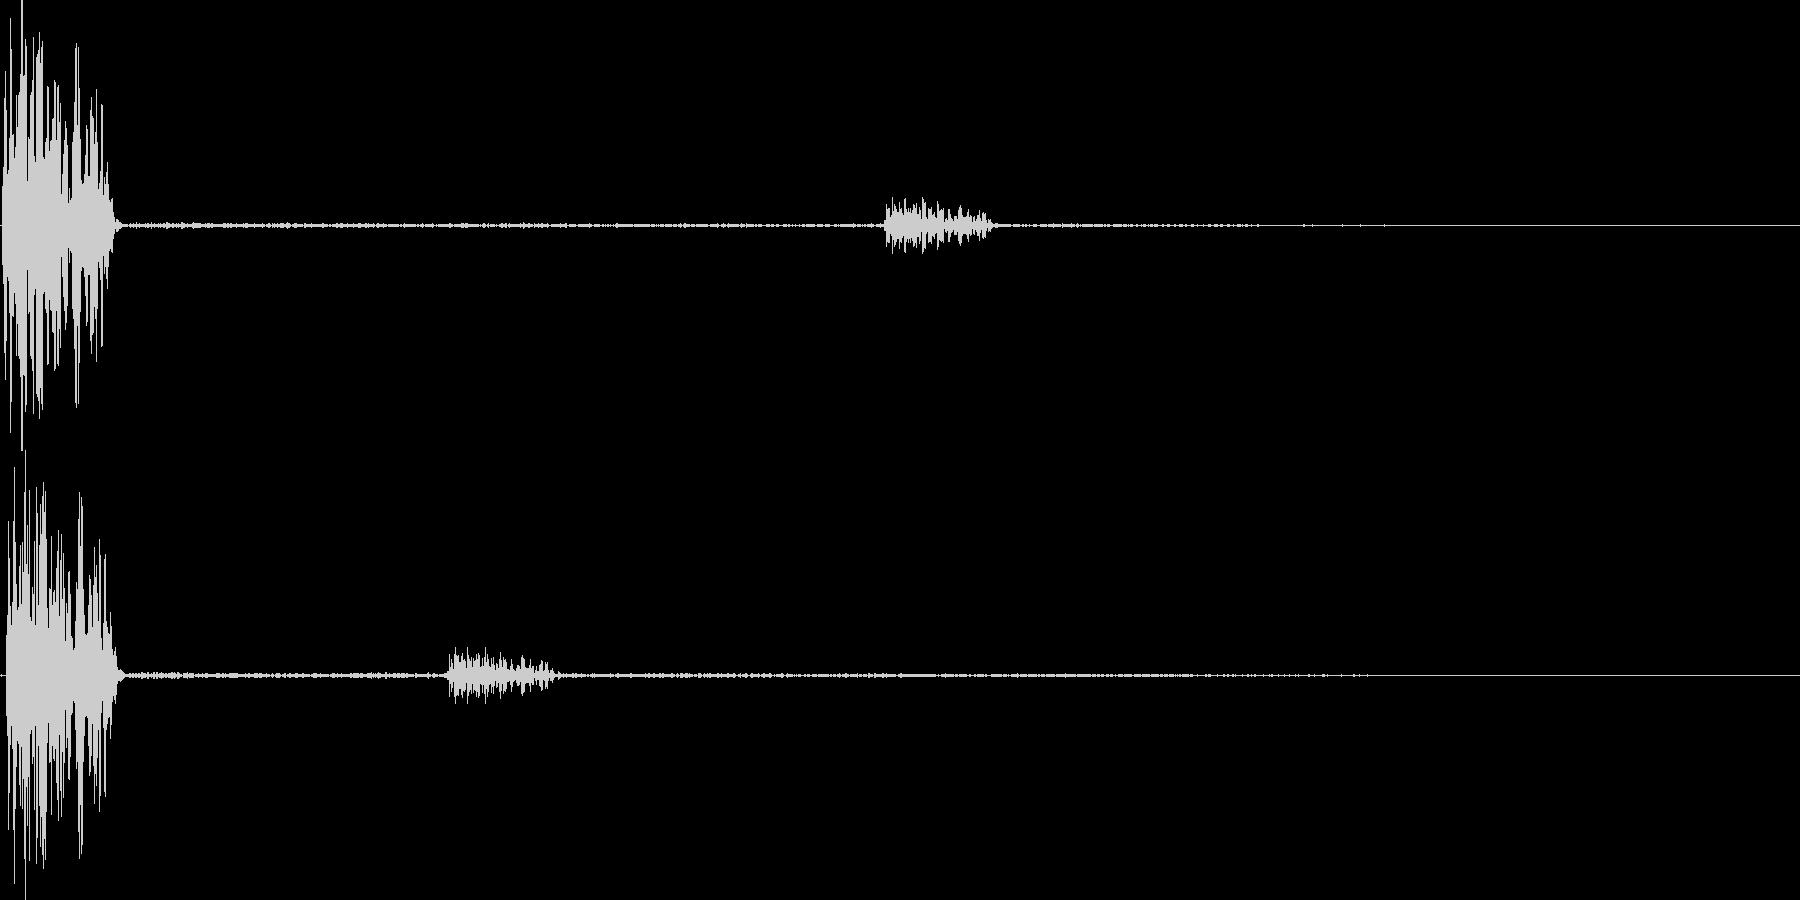 デュオ(キャンセル、間違い、バツ)の未再生の波形